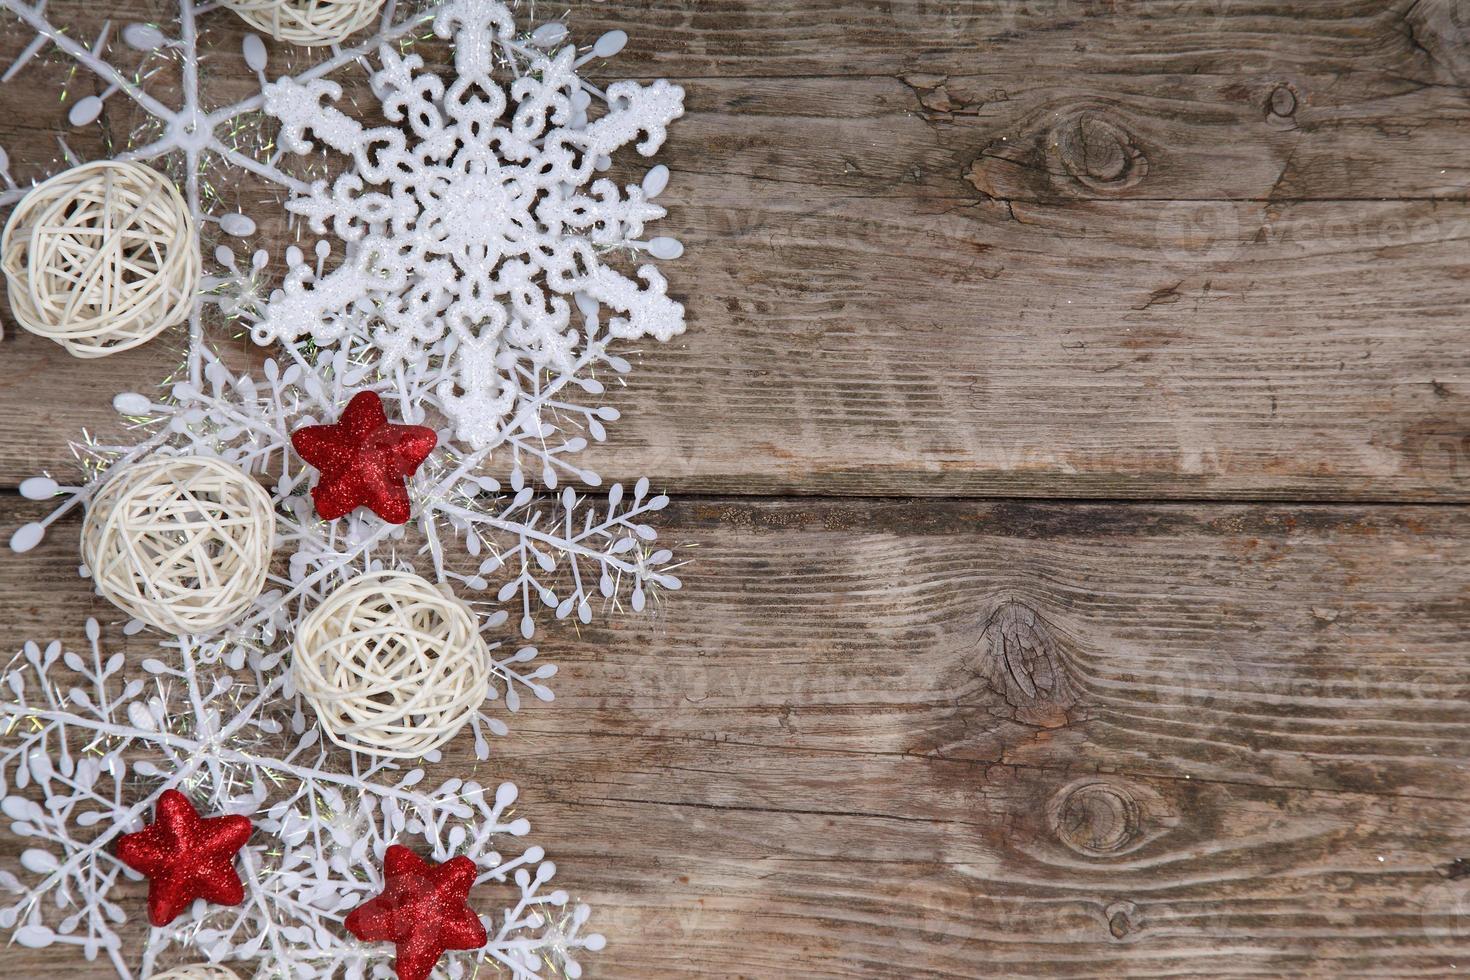 Grenze von Schneeflocken und Weihnachtsdekoration foto